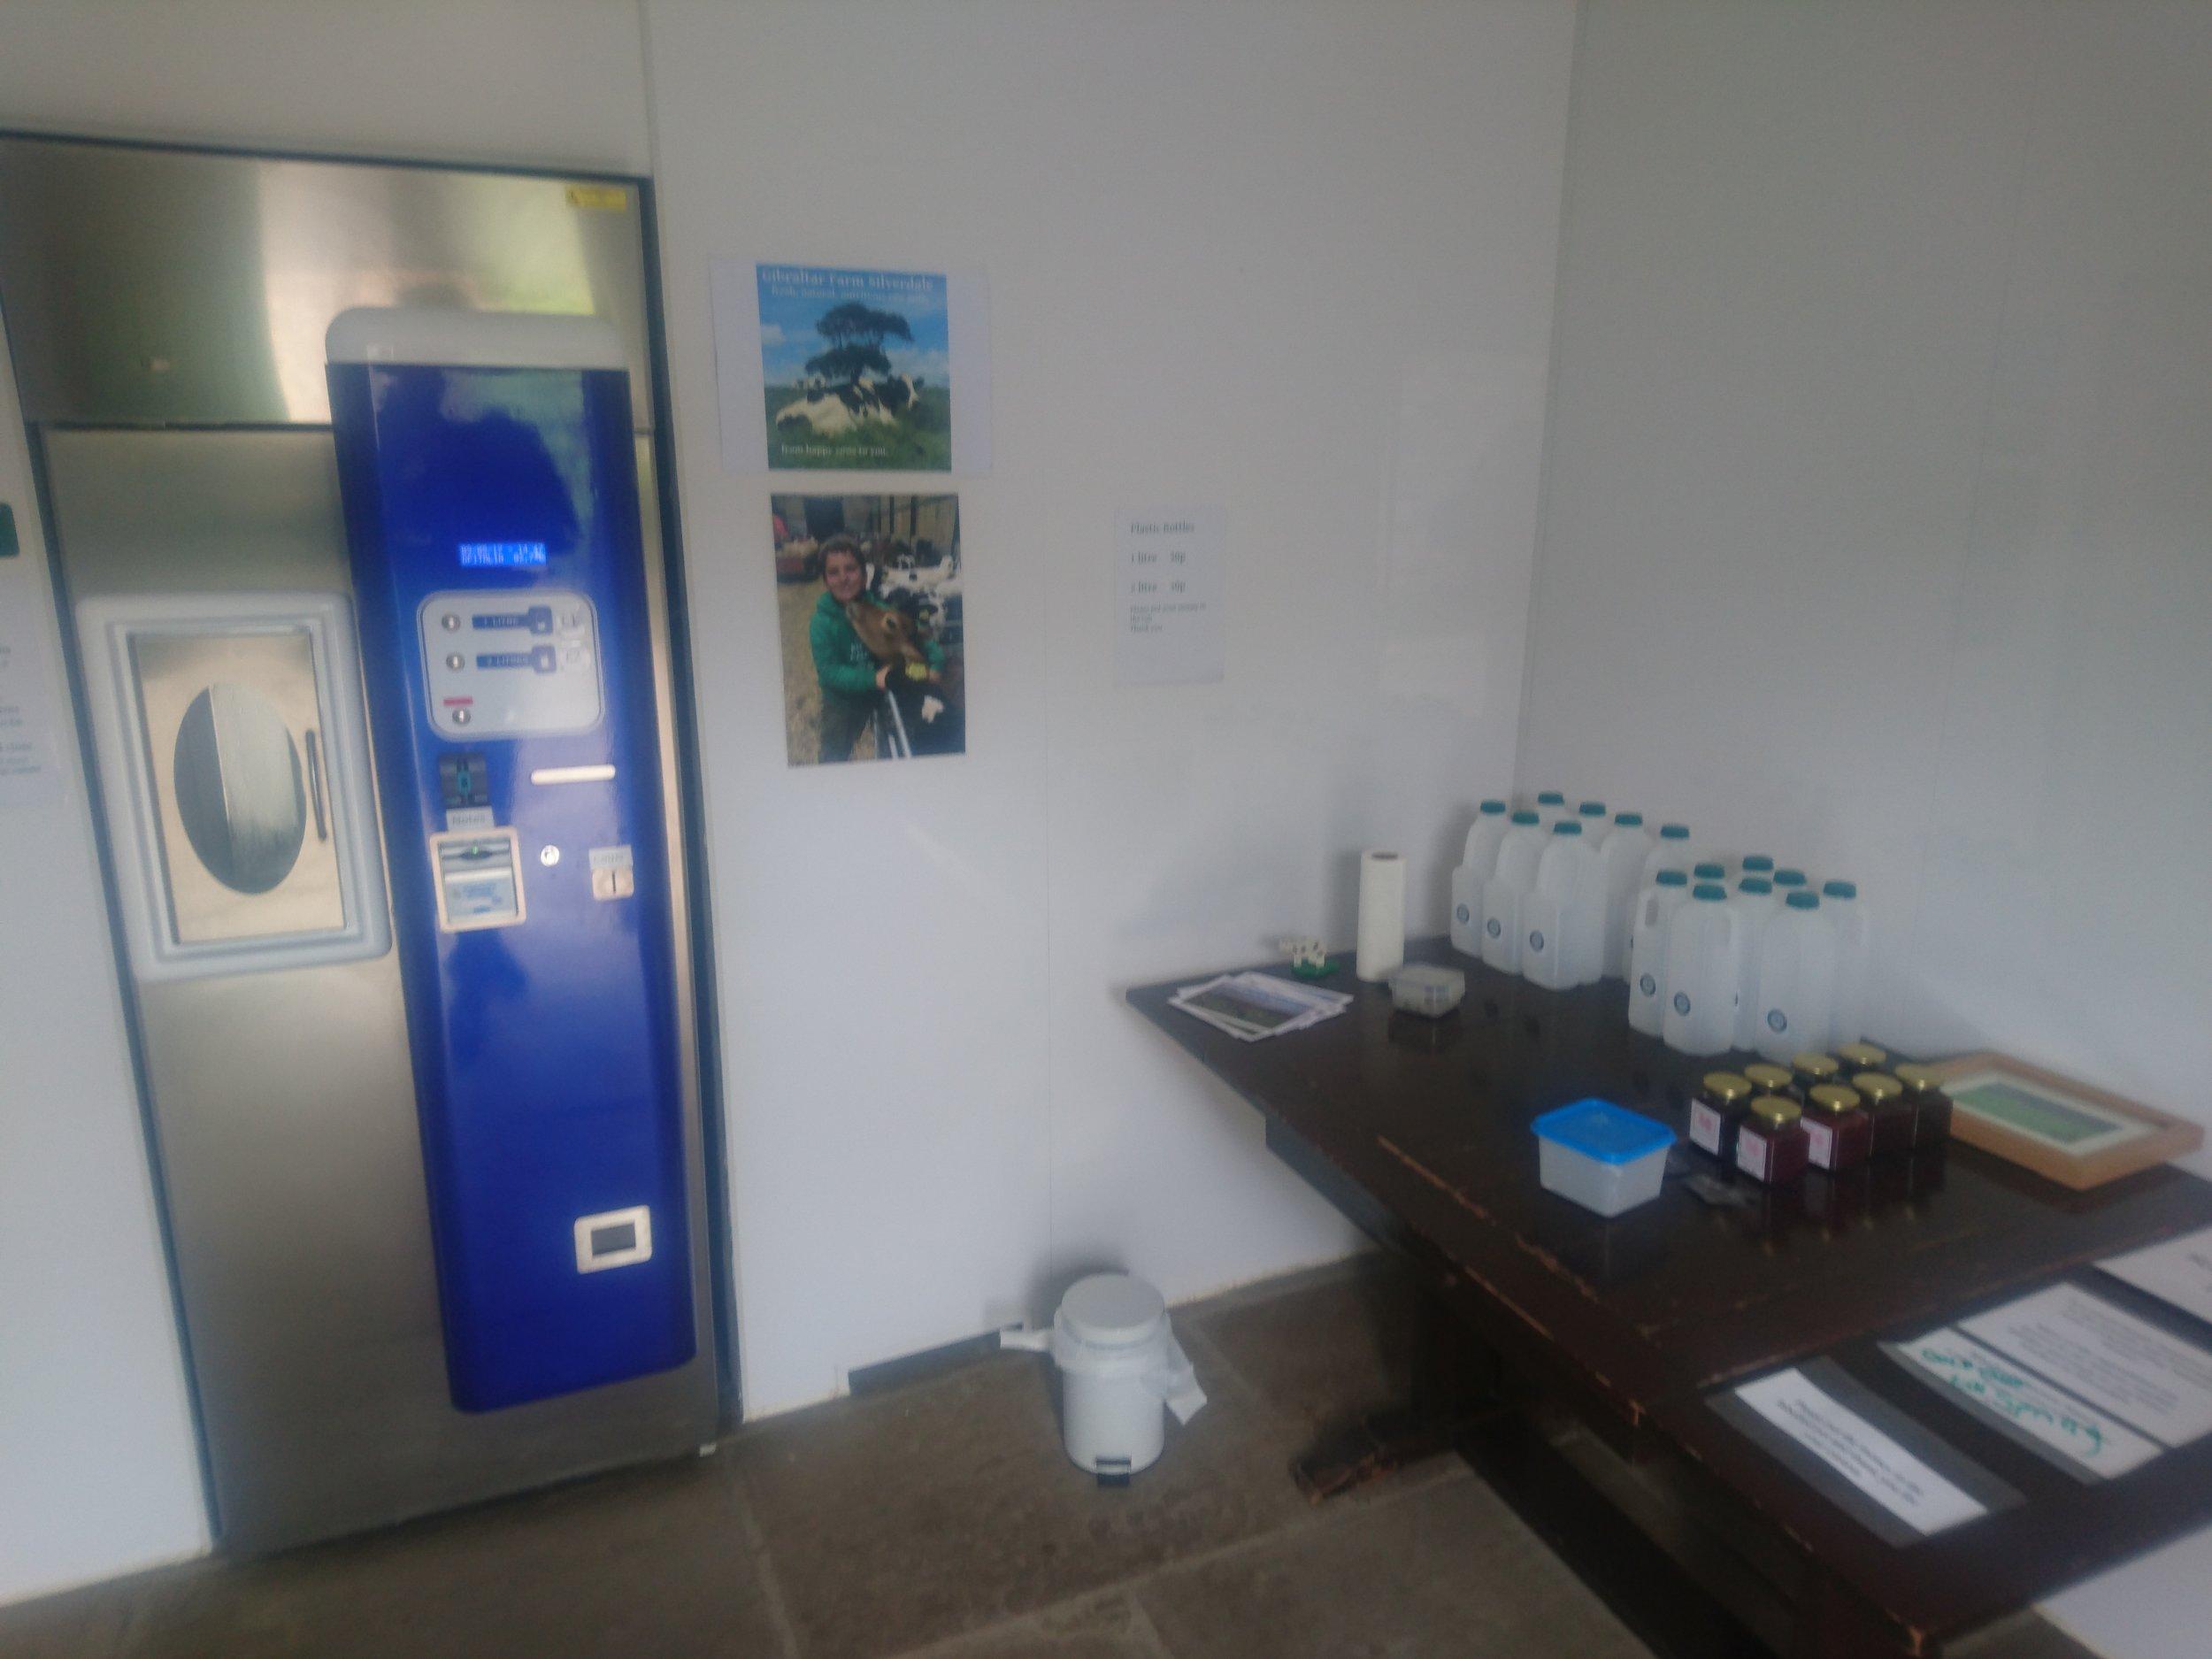 Raw Milk Vending Machine